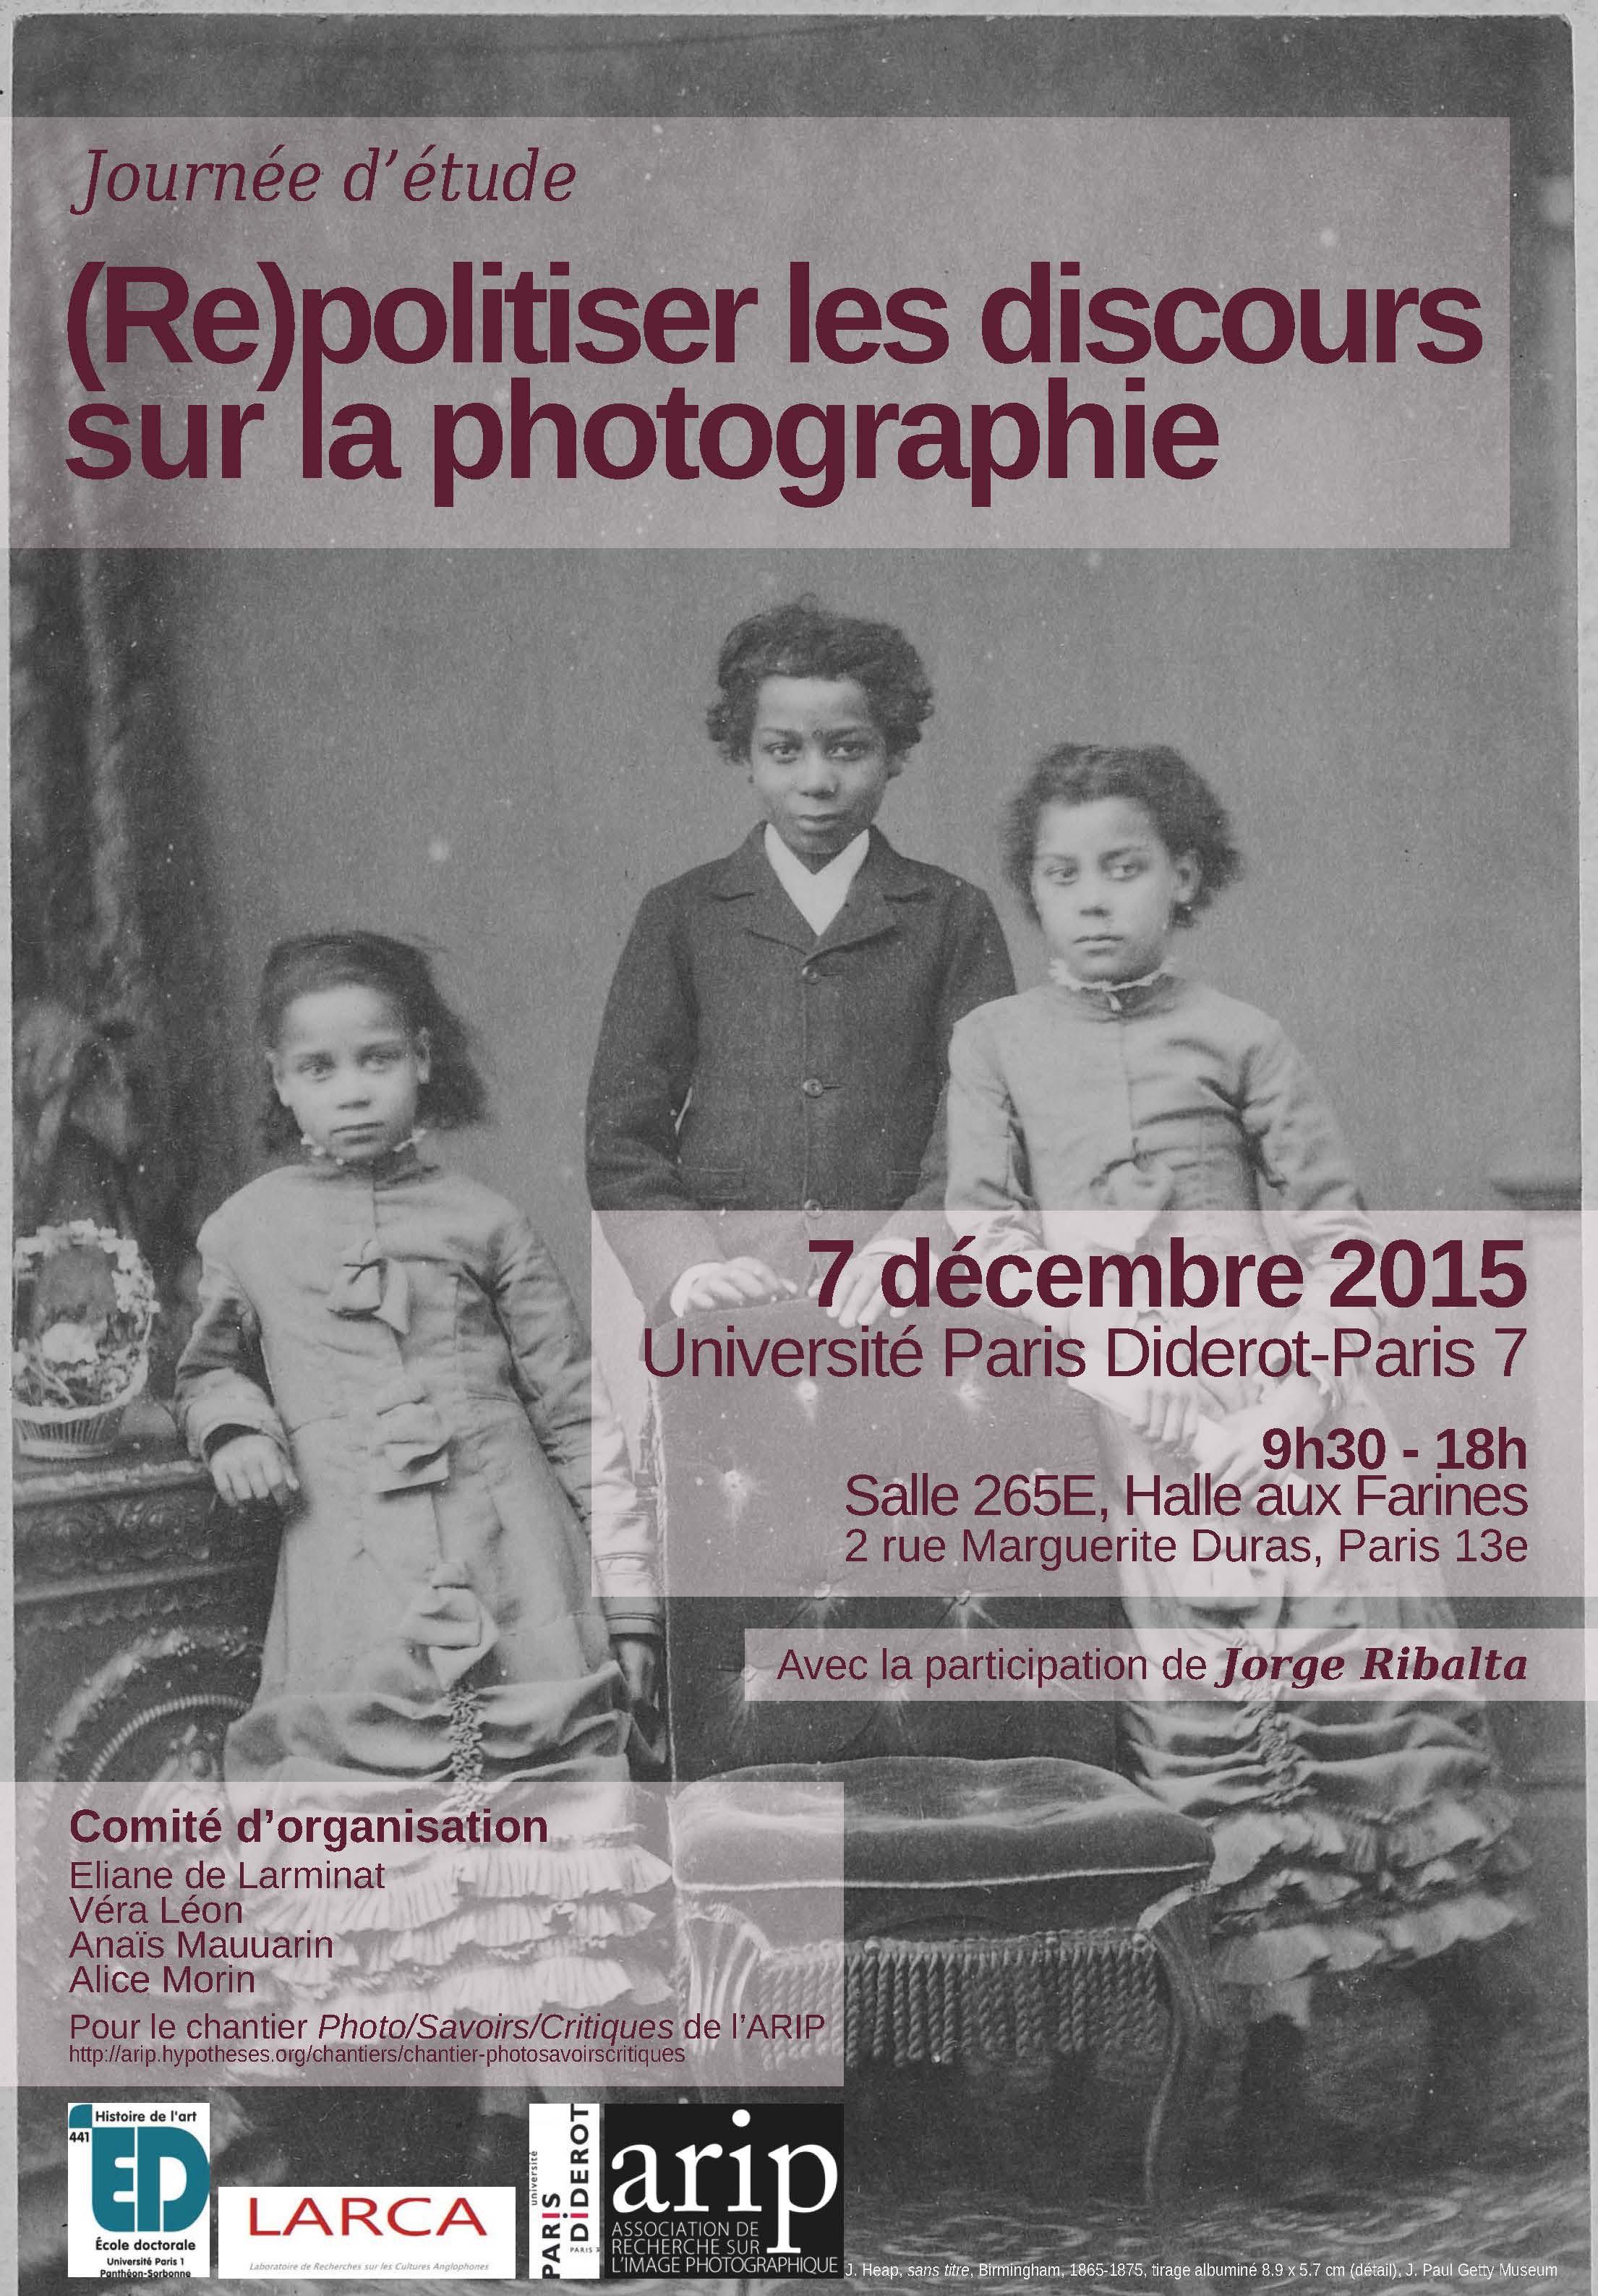 (Re)politiser les discours sur la photographie (Paris 7)